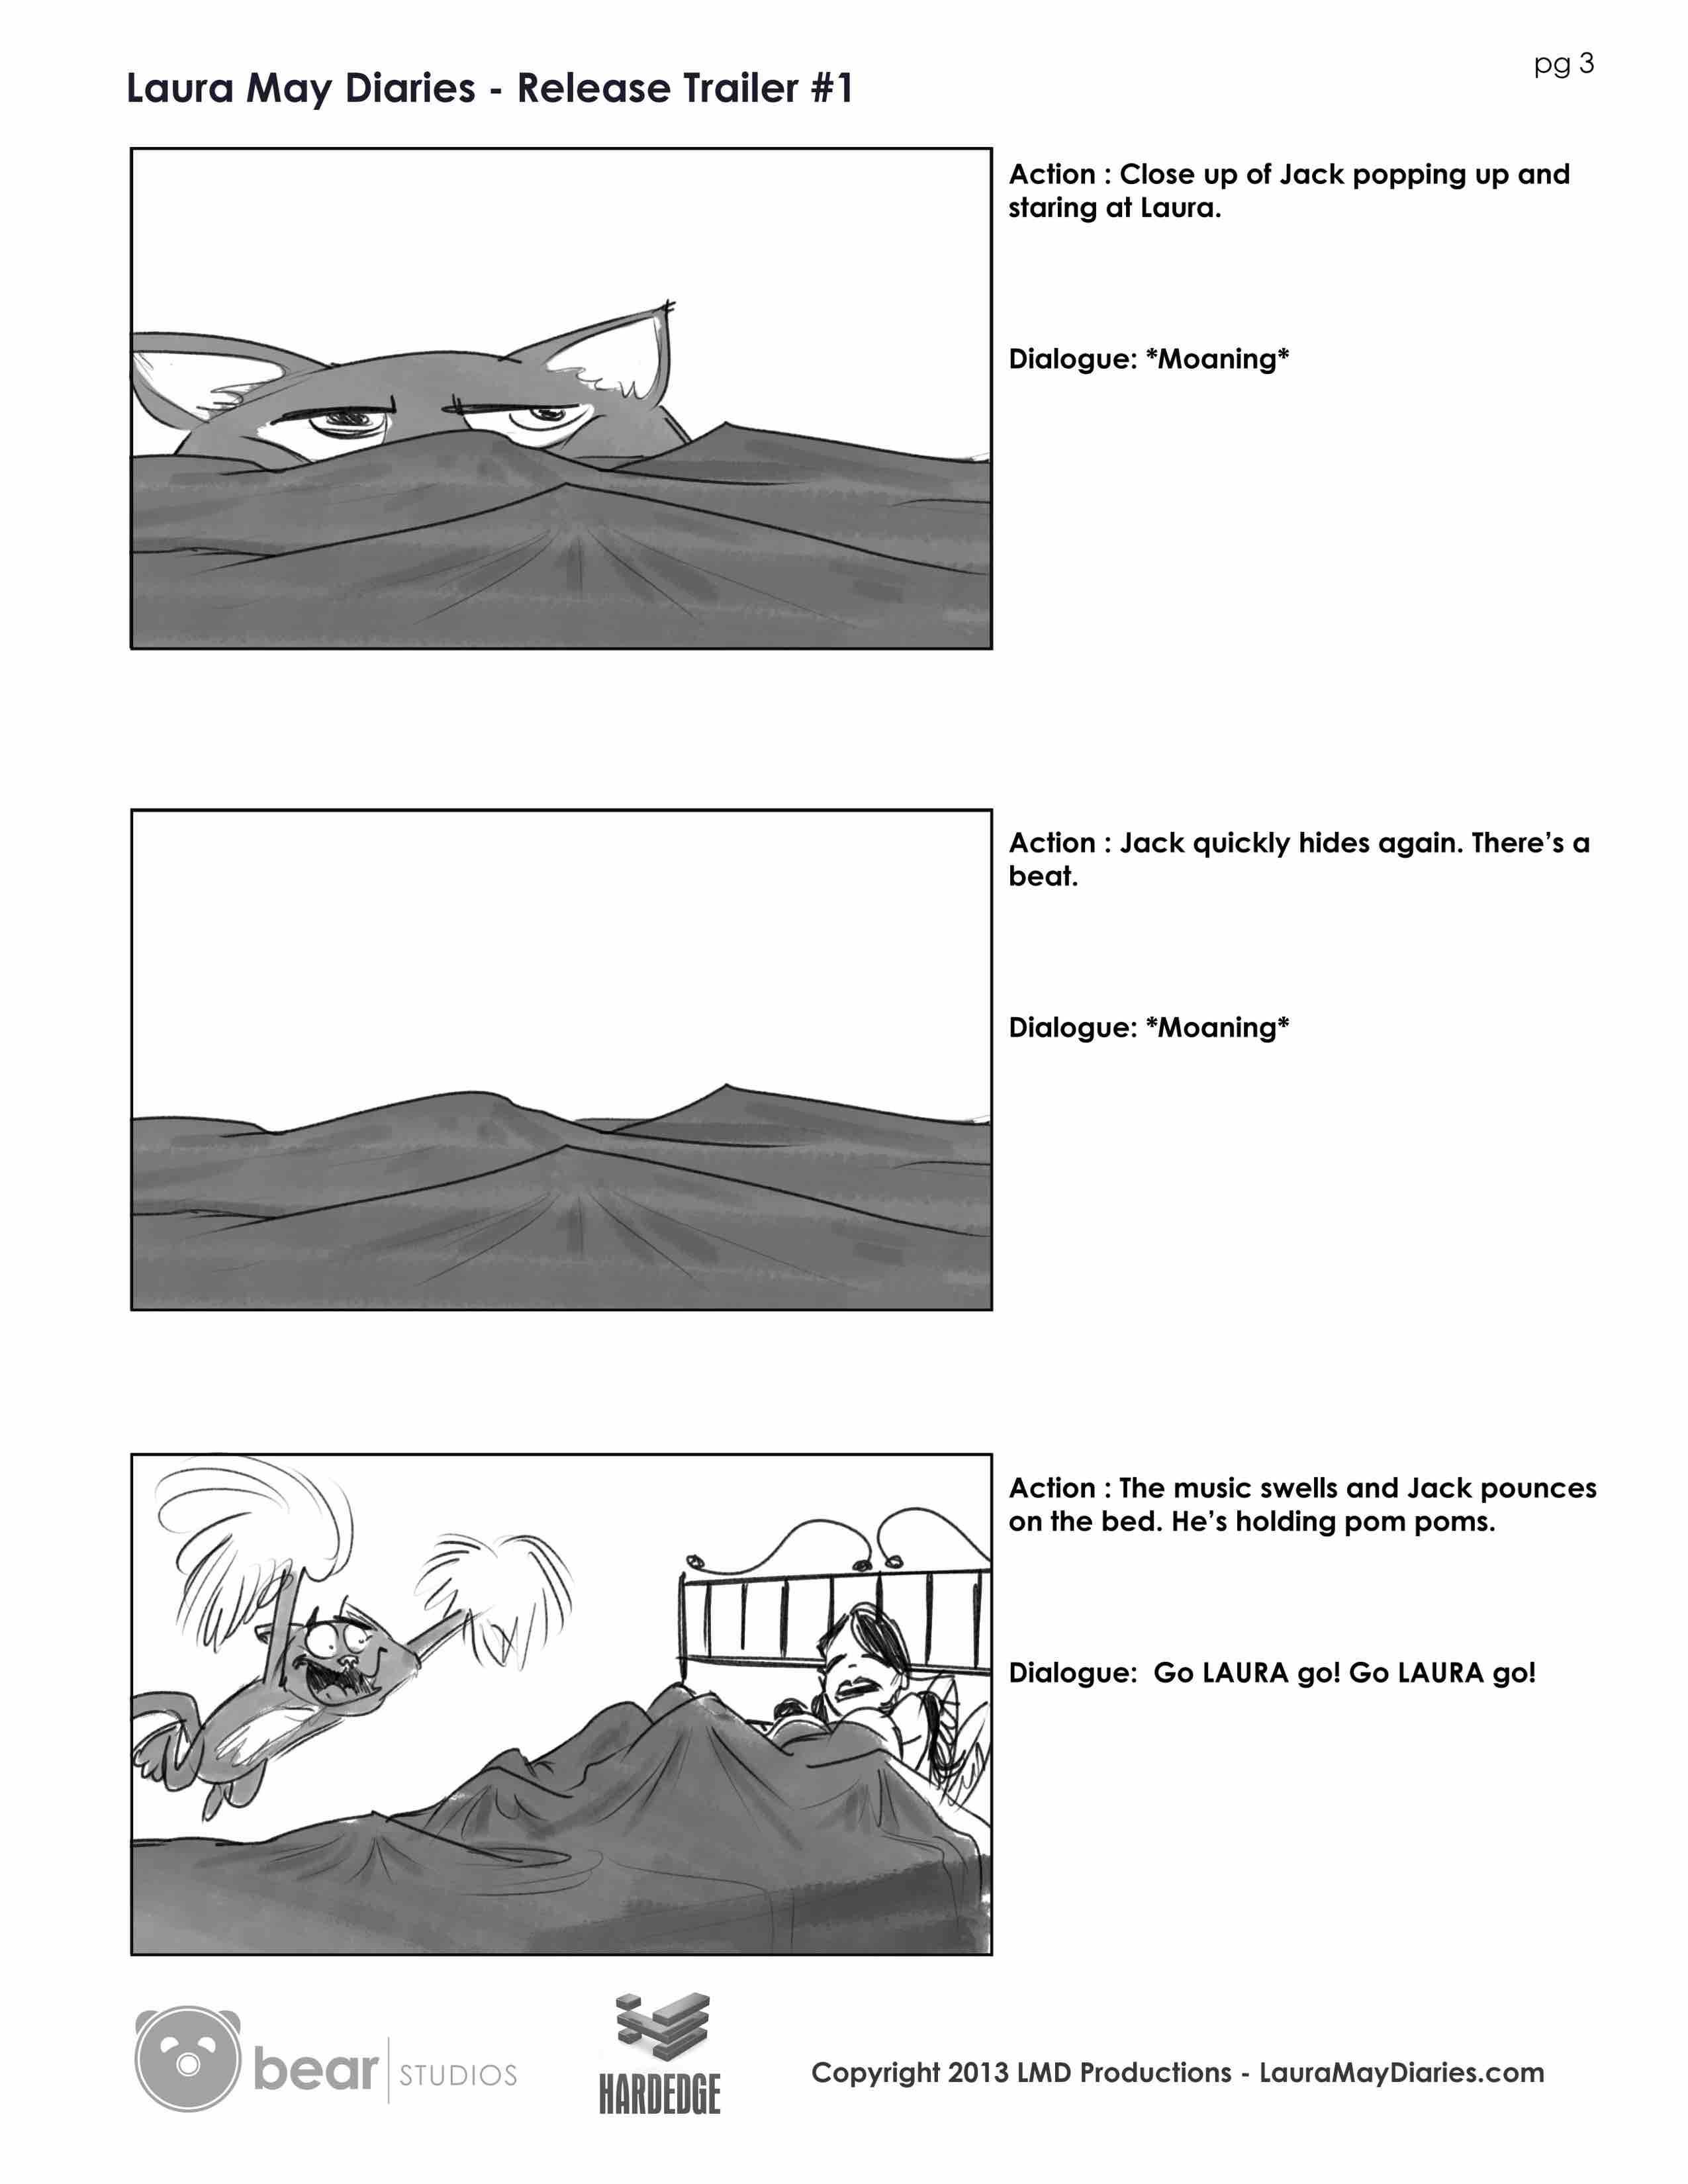 13-03-01_LMD_Trailer1_Storyboard 3